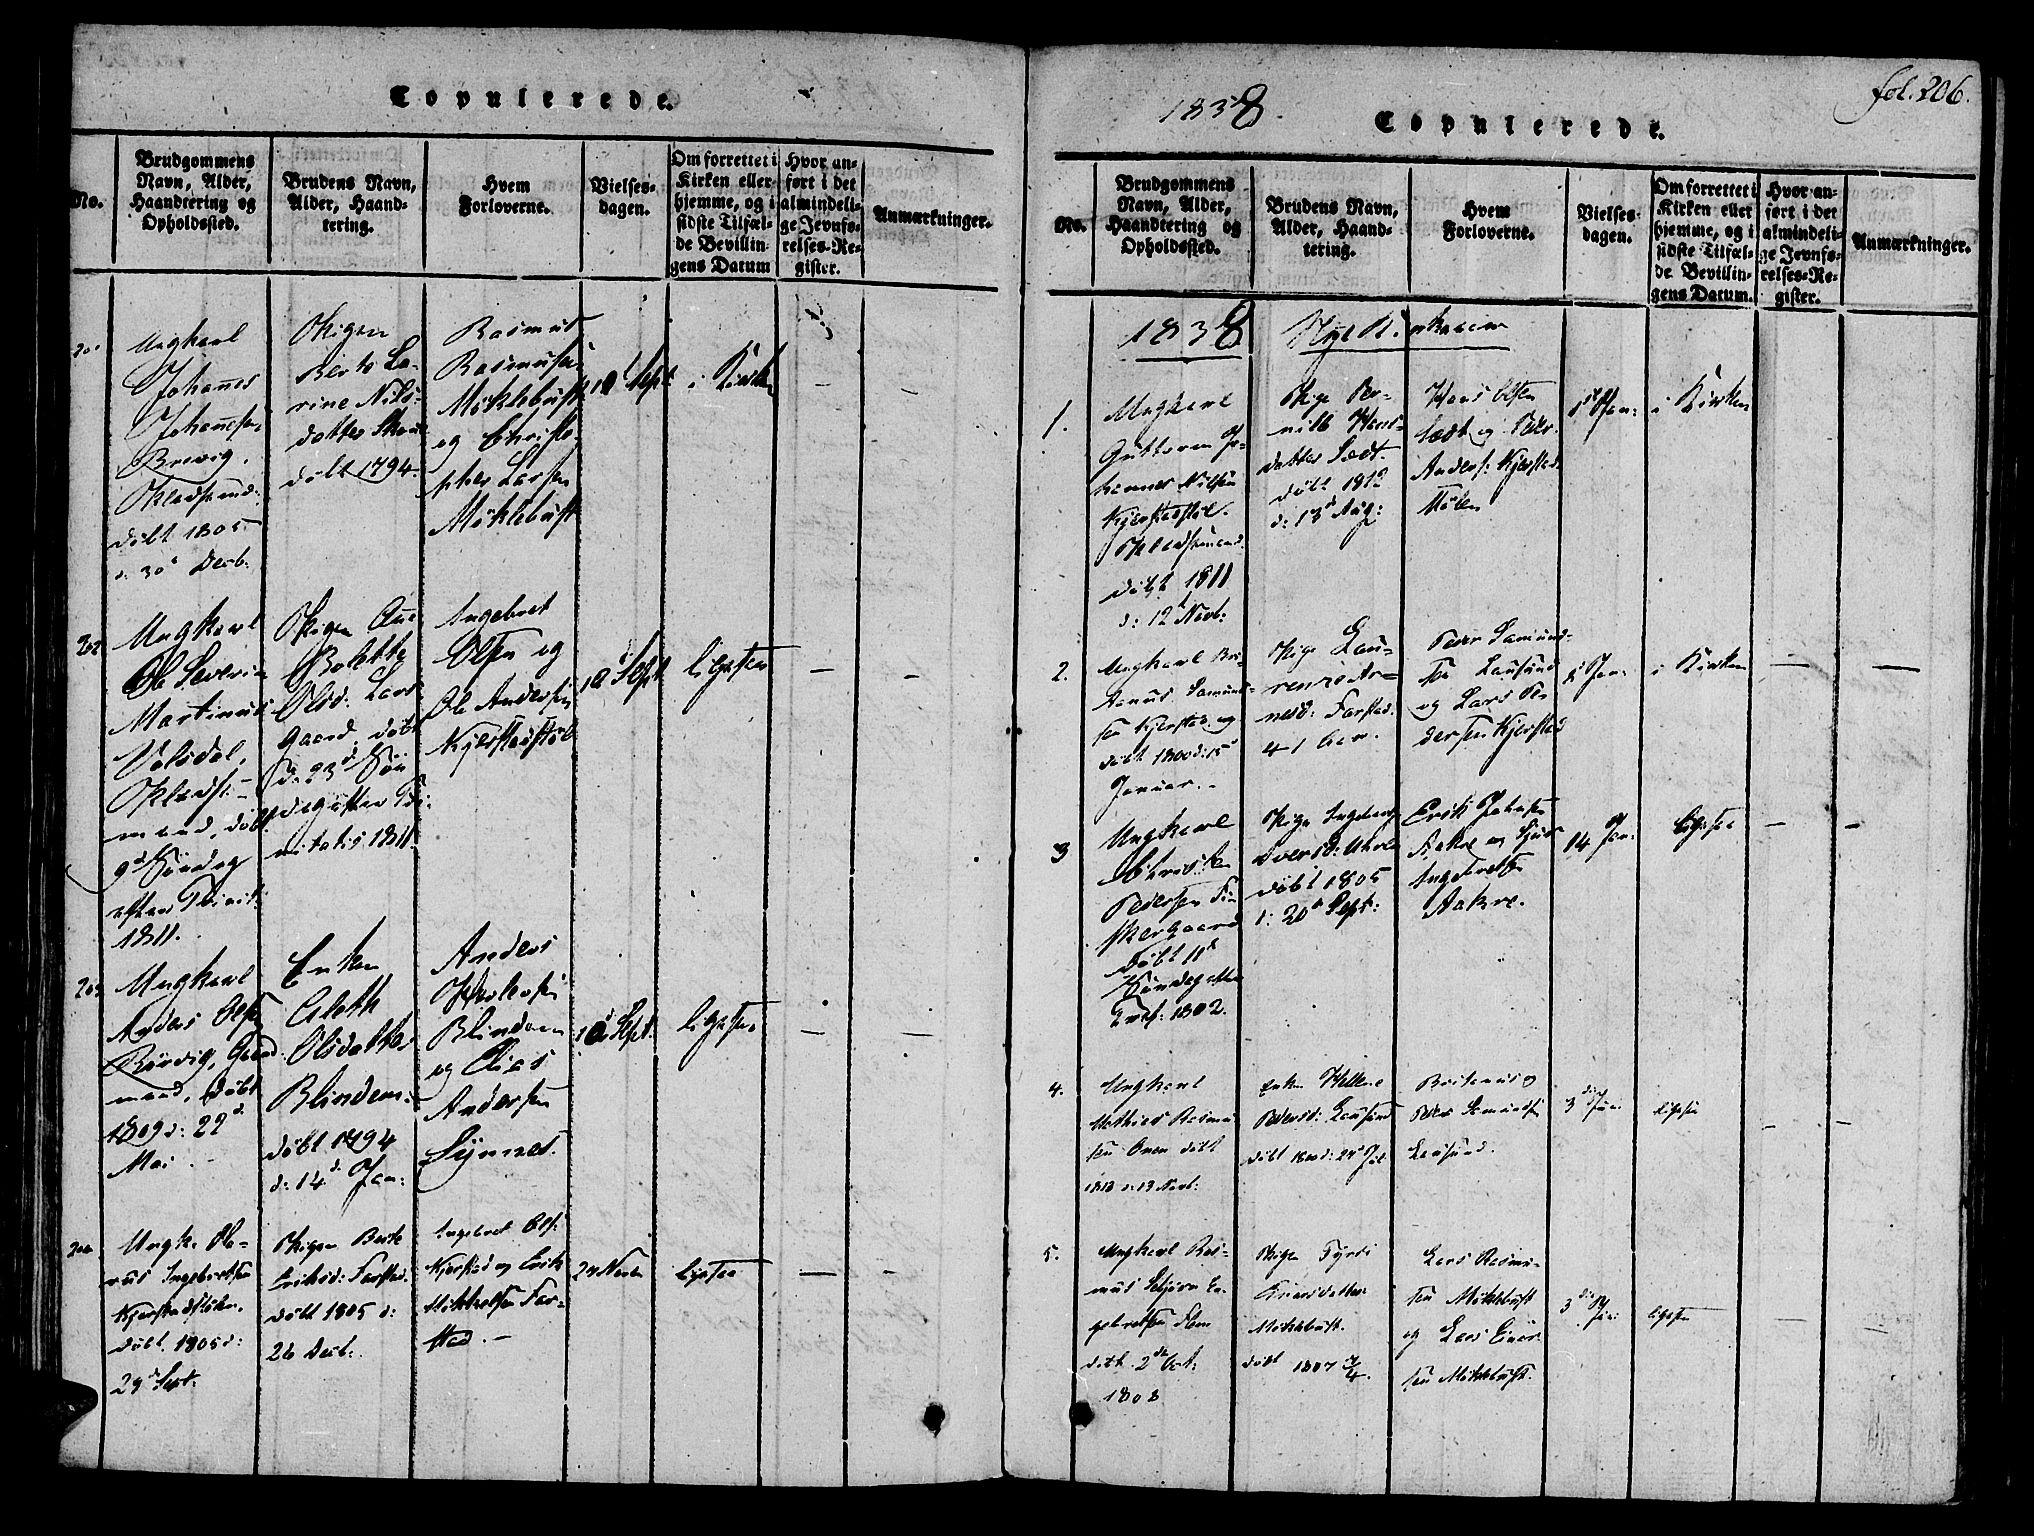 SAT, Ministerialprotokoller, klokkerbøker og fødselsregistre - Møre og Romsdal, 536/L0495: Ministerialbok nr. 536A04, 1818-1847, s. 206